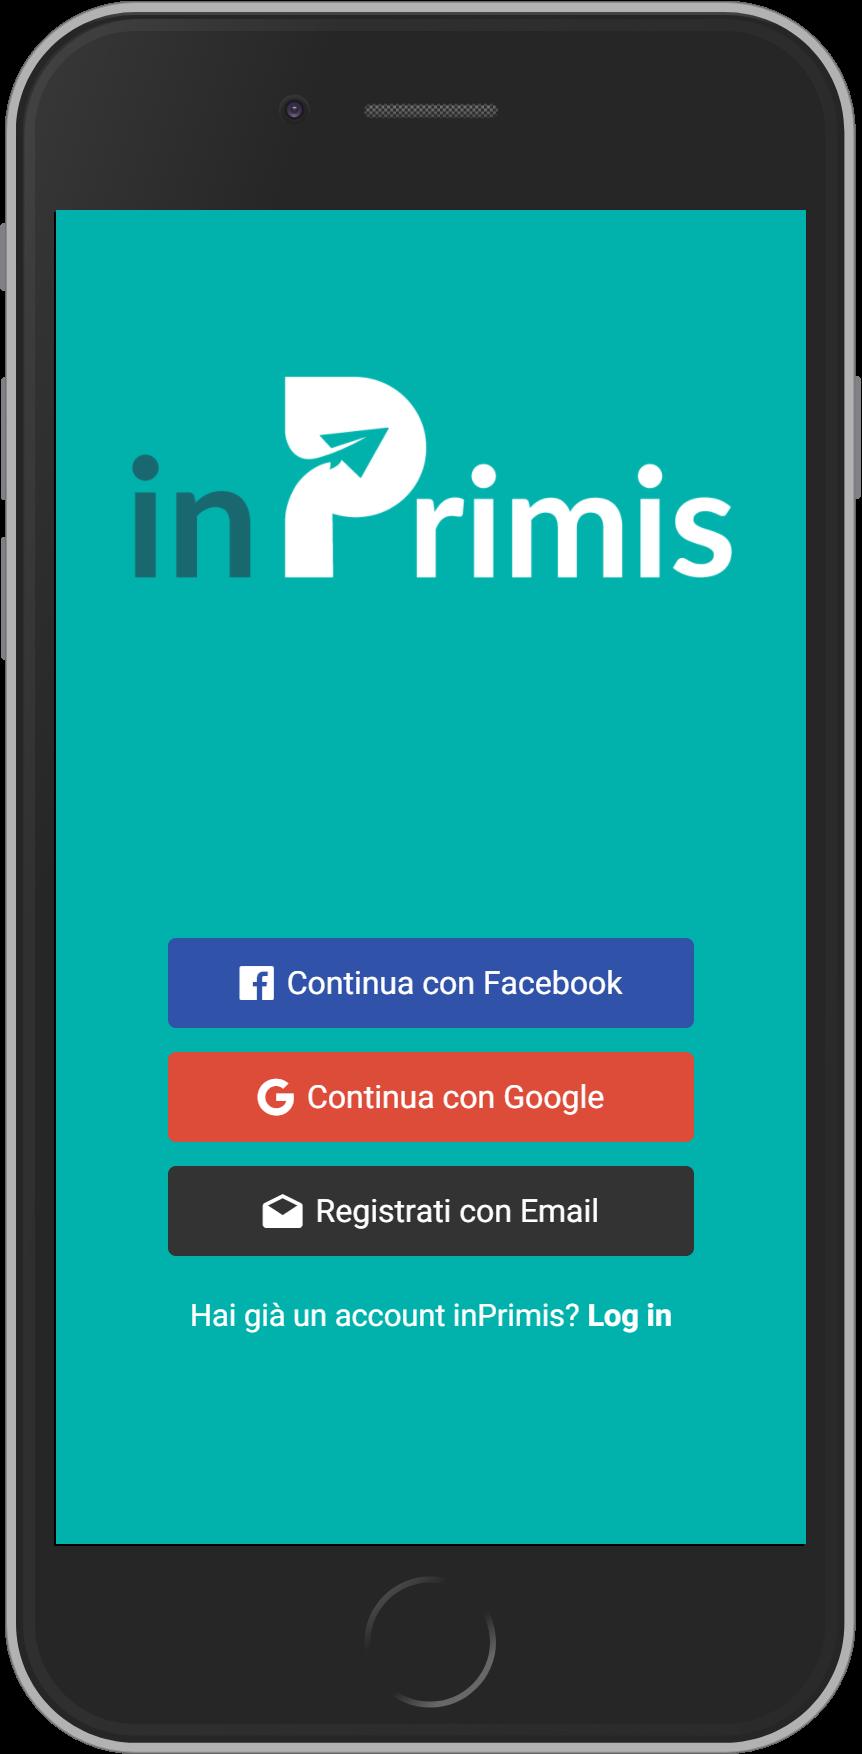 Inprimis App